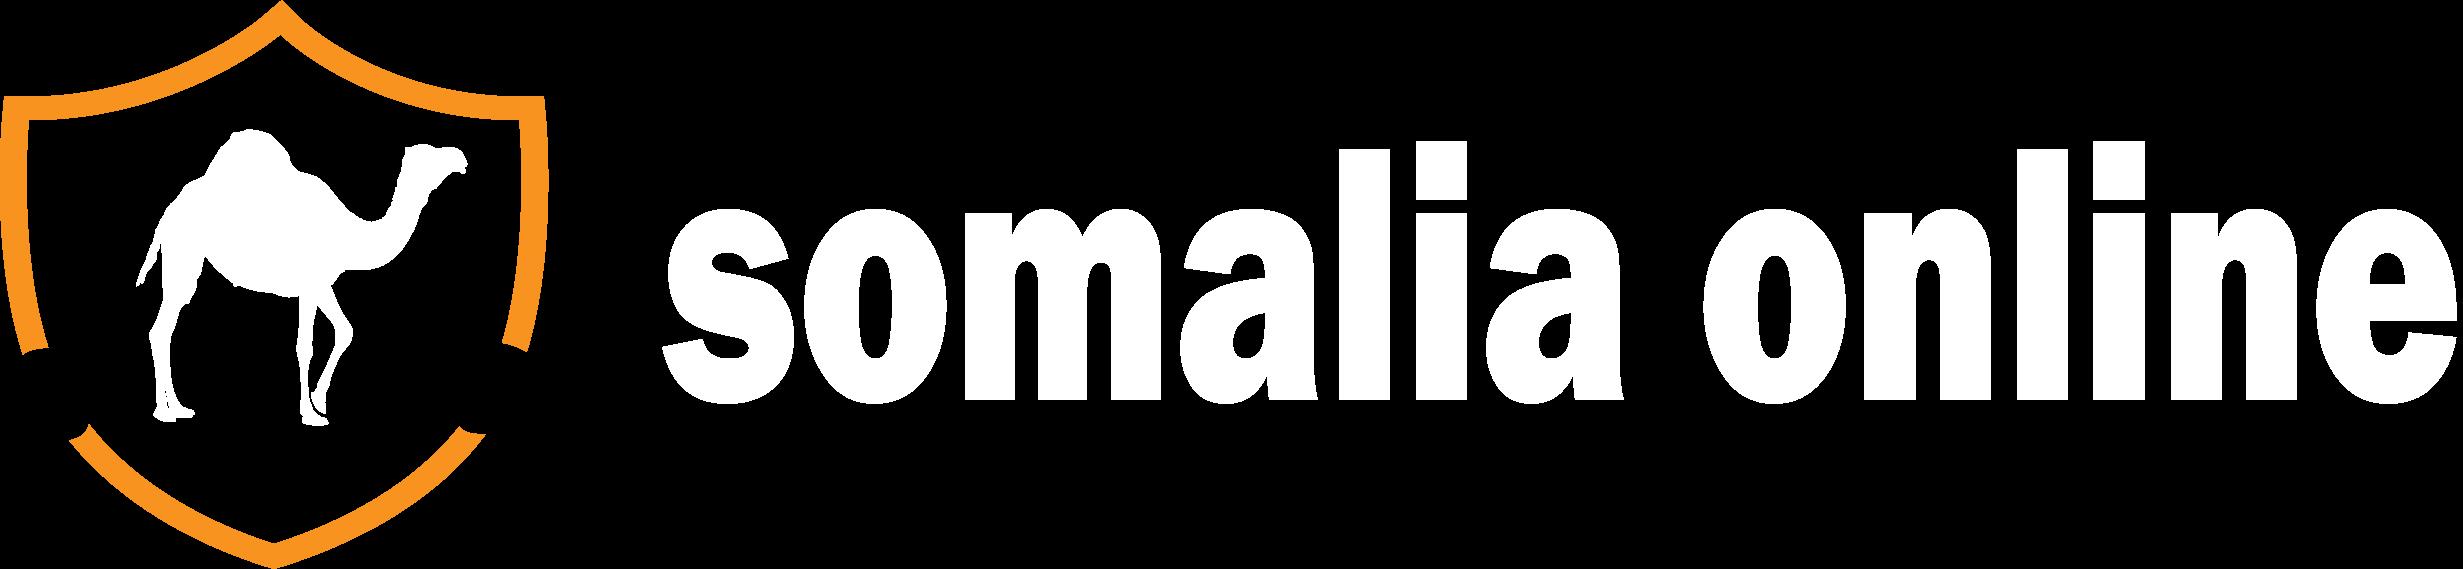 Somali Forum - Somalia Online